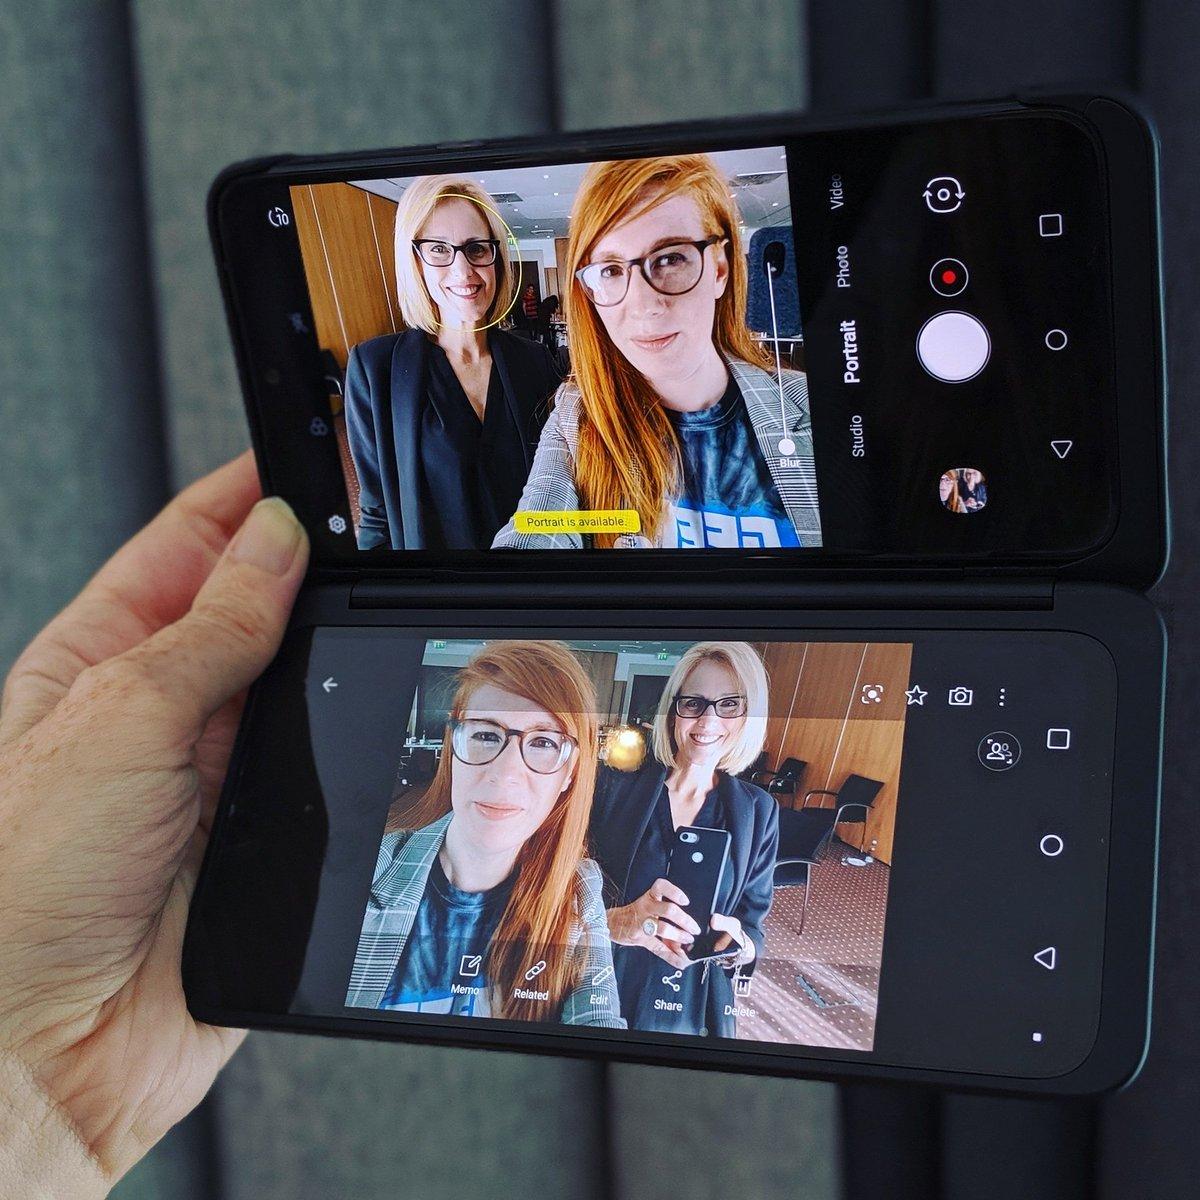 LG G8X tích hợp đầy đủ các tính năng chụp ảnh cơ bản với hiển thị màu chân thật, sống động